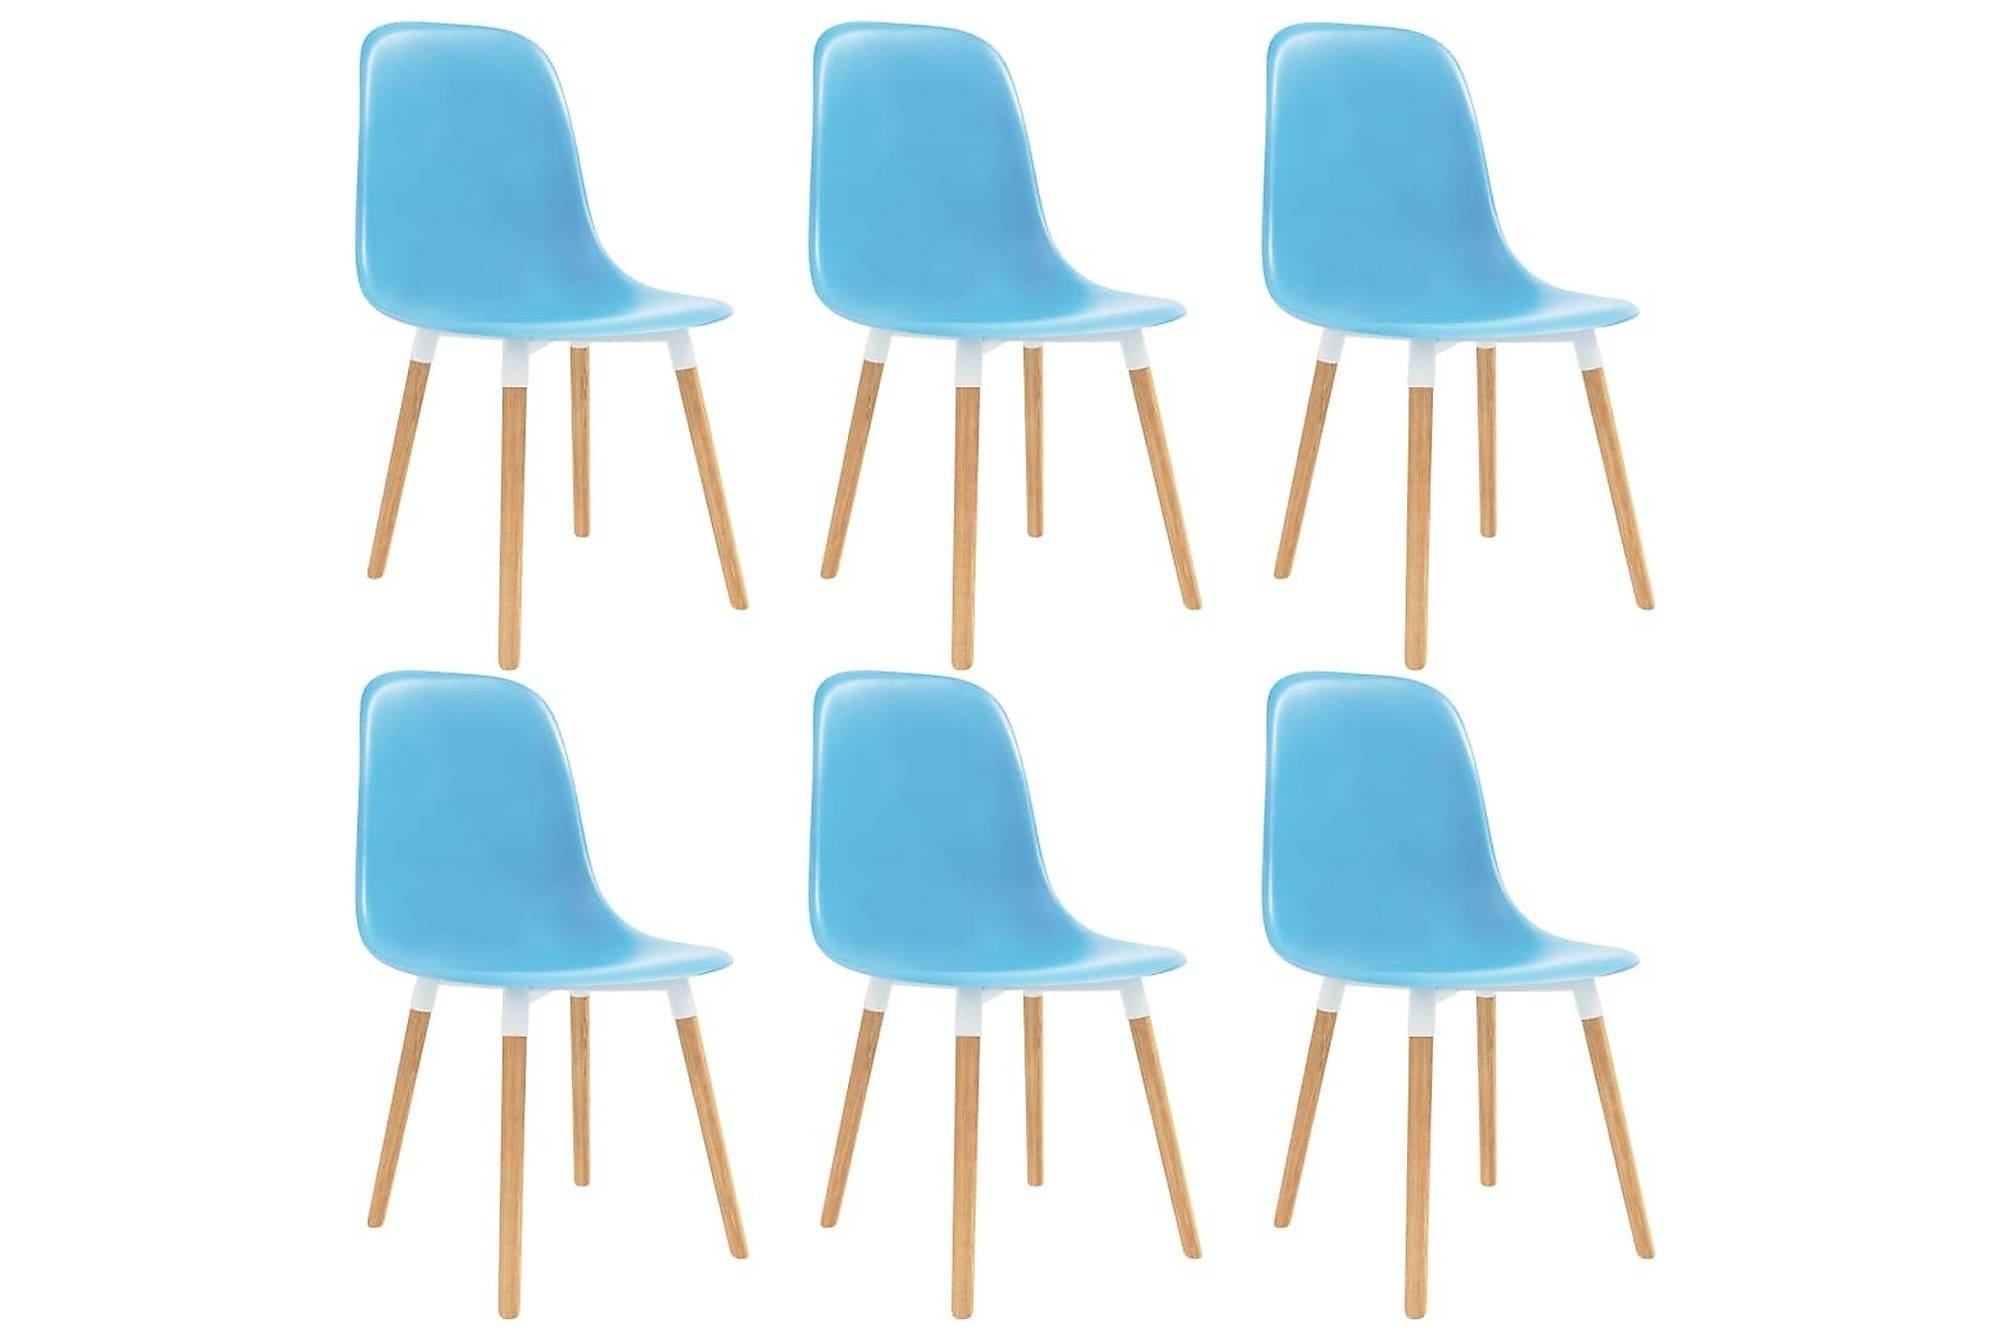 Matstolar 6 st blå plast